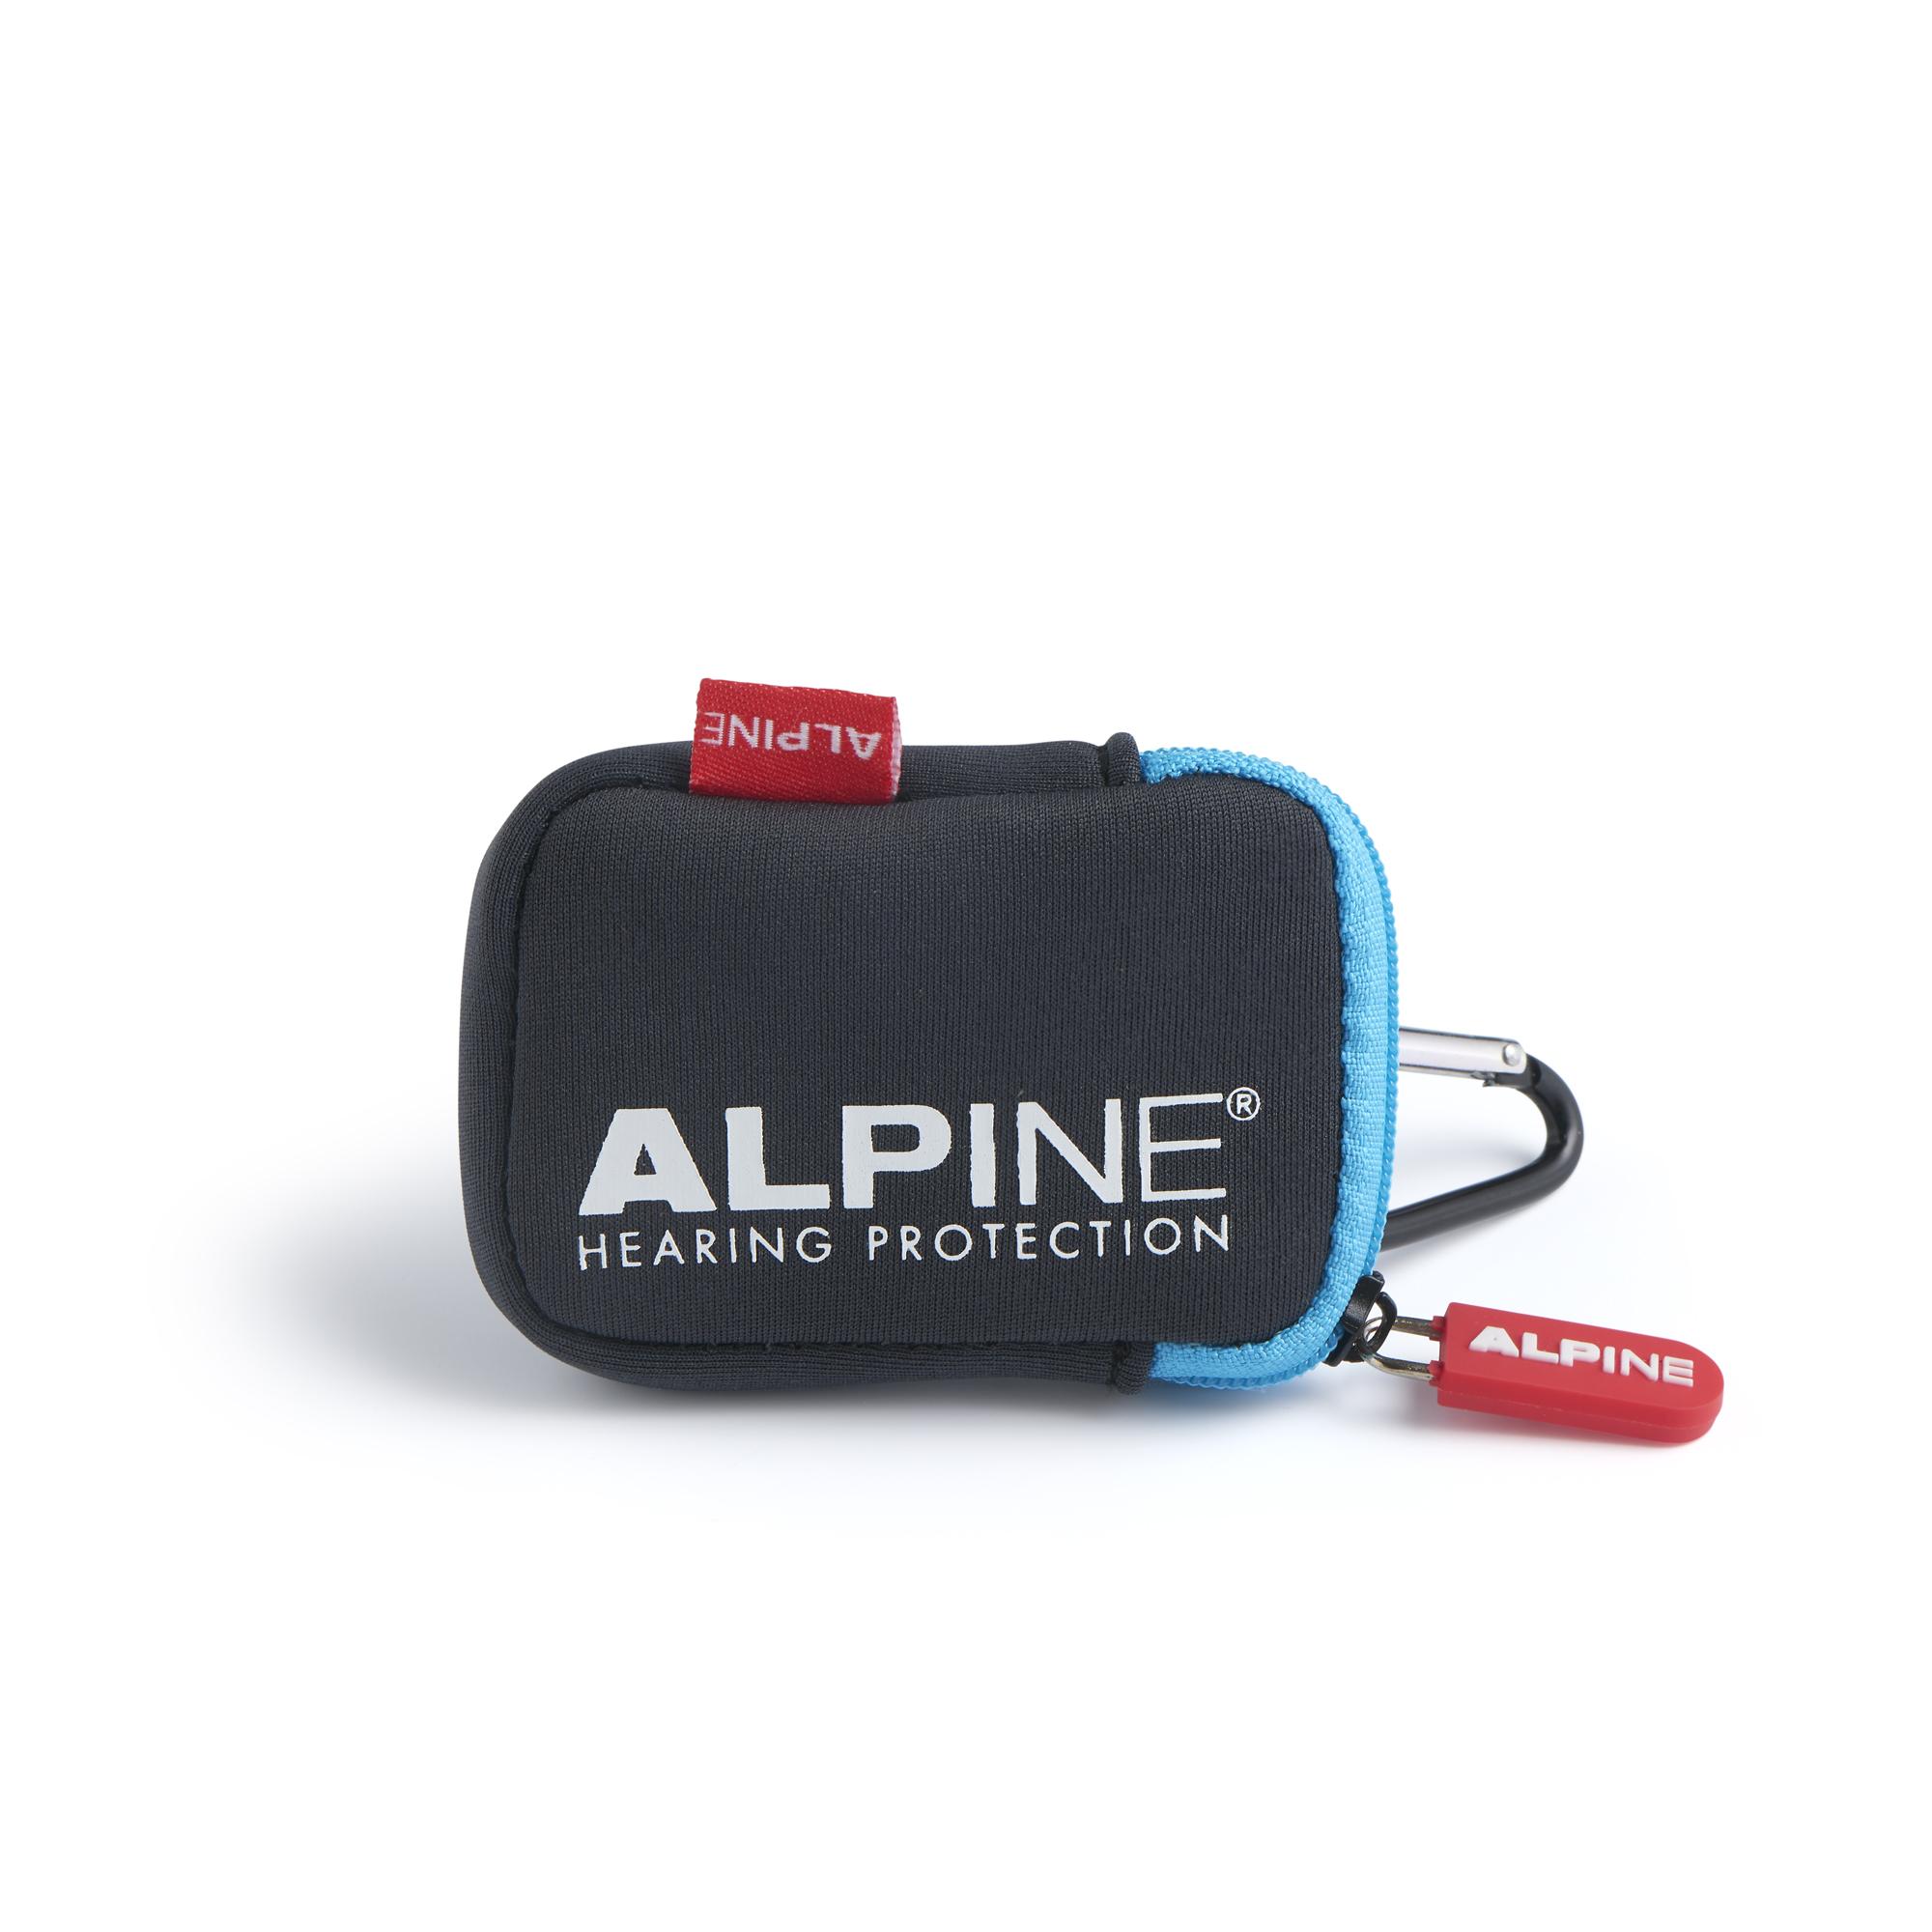 alpine-surfsafe-case